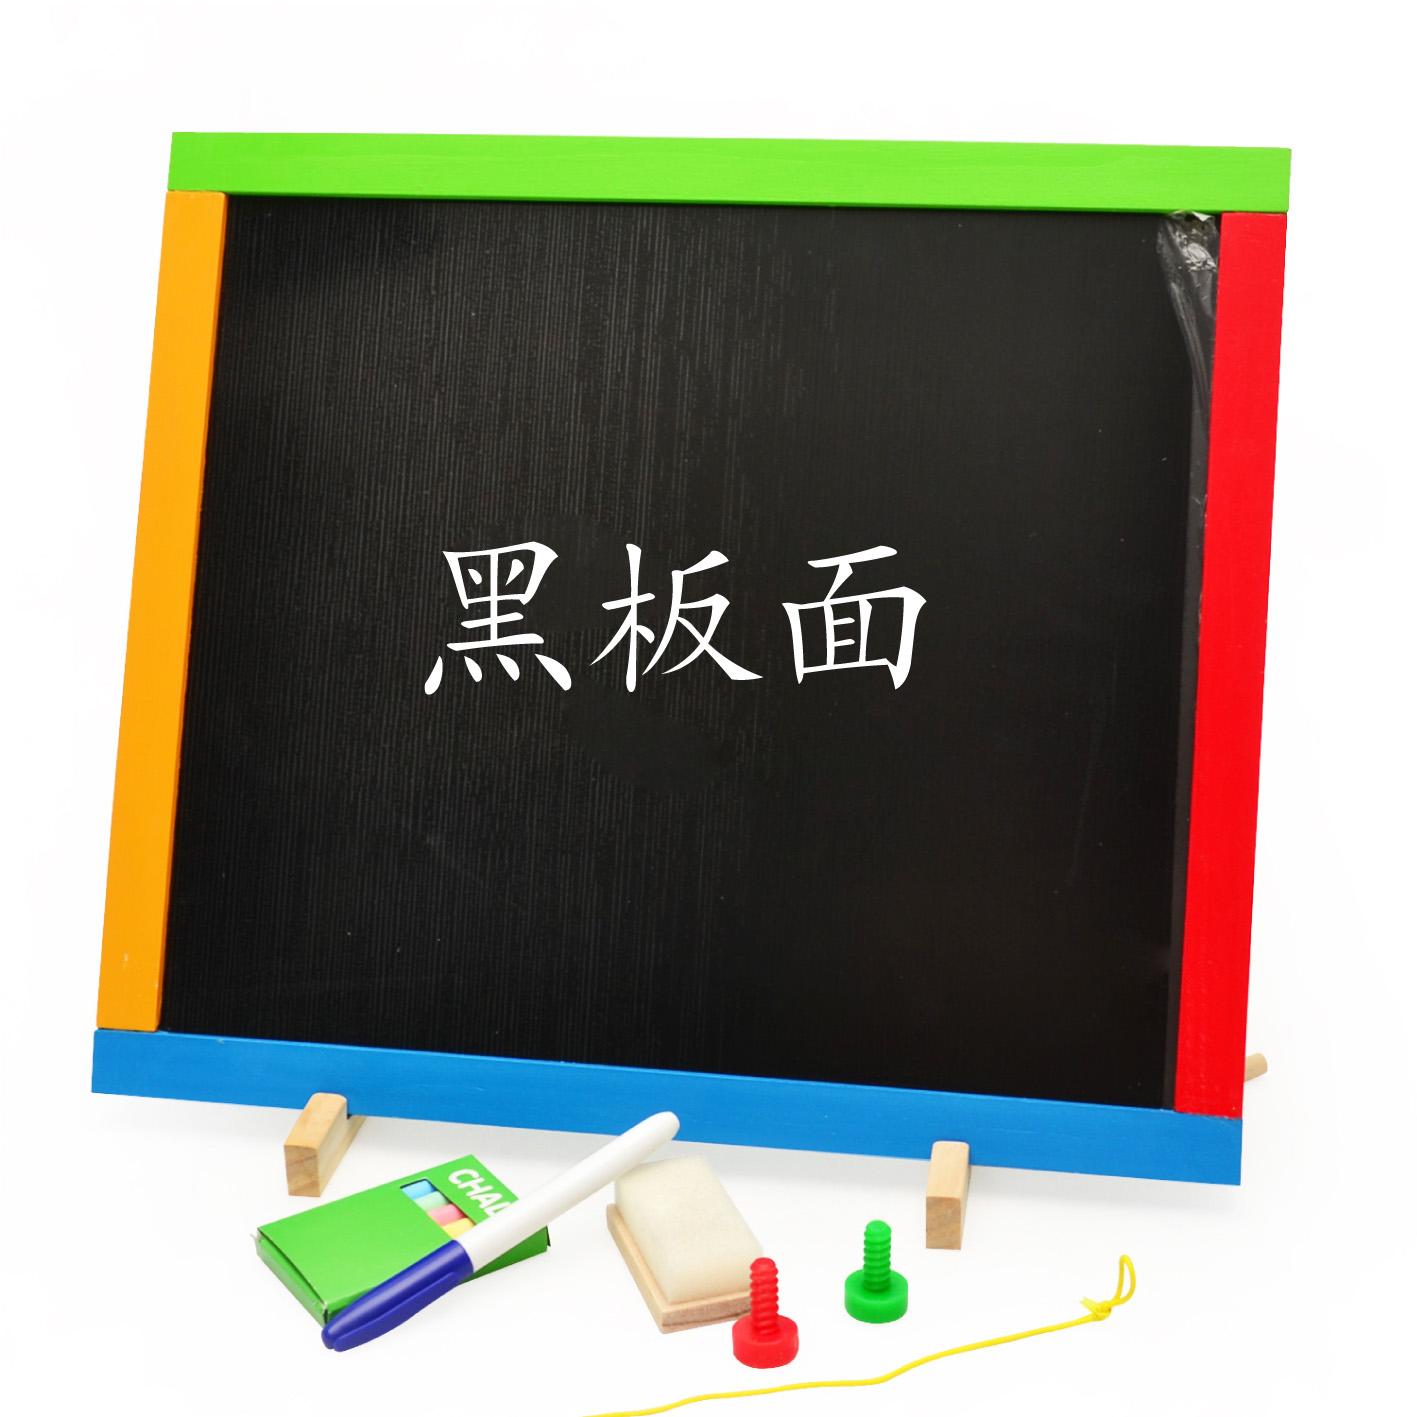 乐木 儿童益智玩具木制二合一双面画板宝宝早教学习写字板黑板